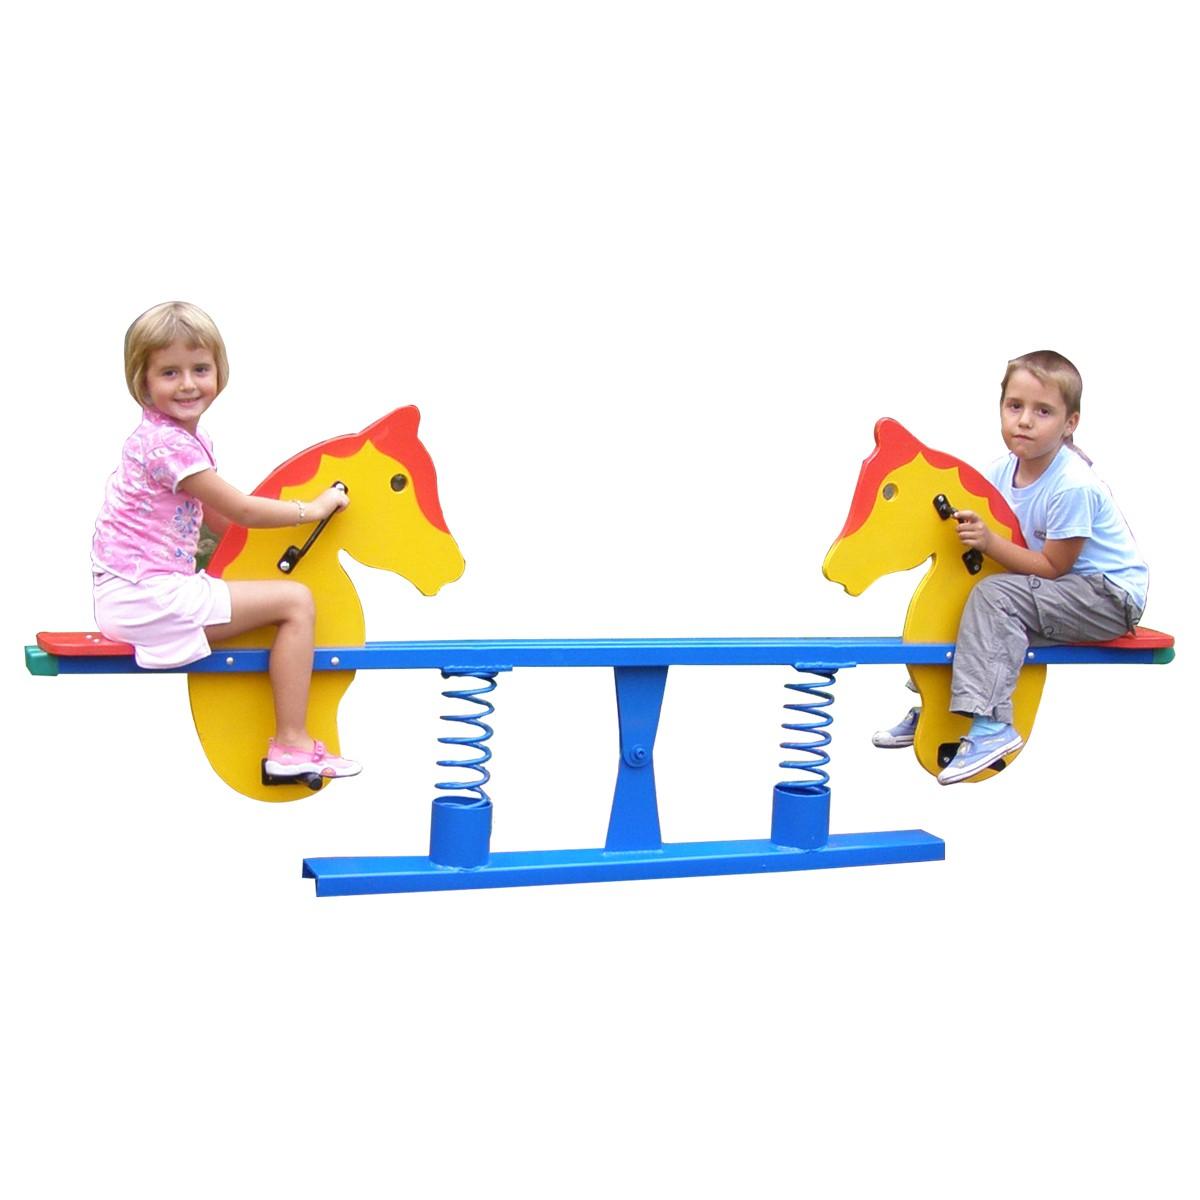 Dedeman Balansoar Copii Calut Cu Arc Structura Metalica Exterior 210 X 36 X 901 Cm Dedicat Planurilor Tale